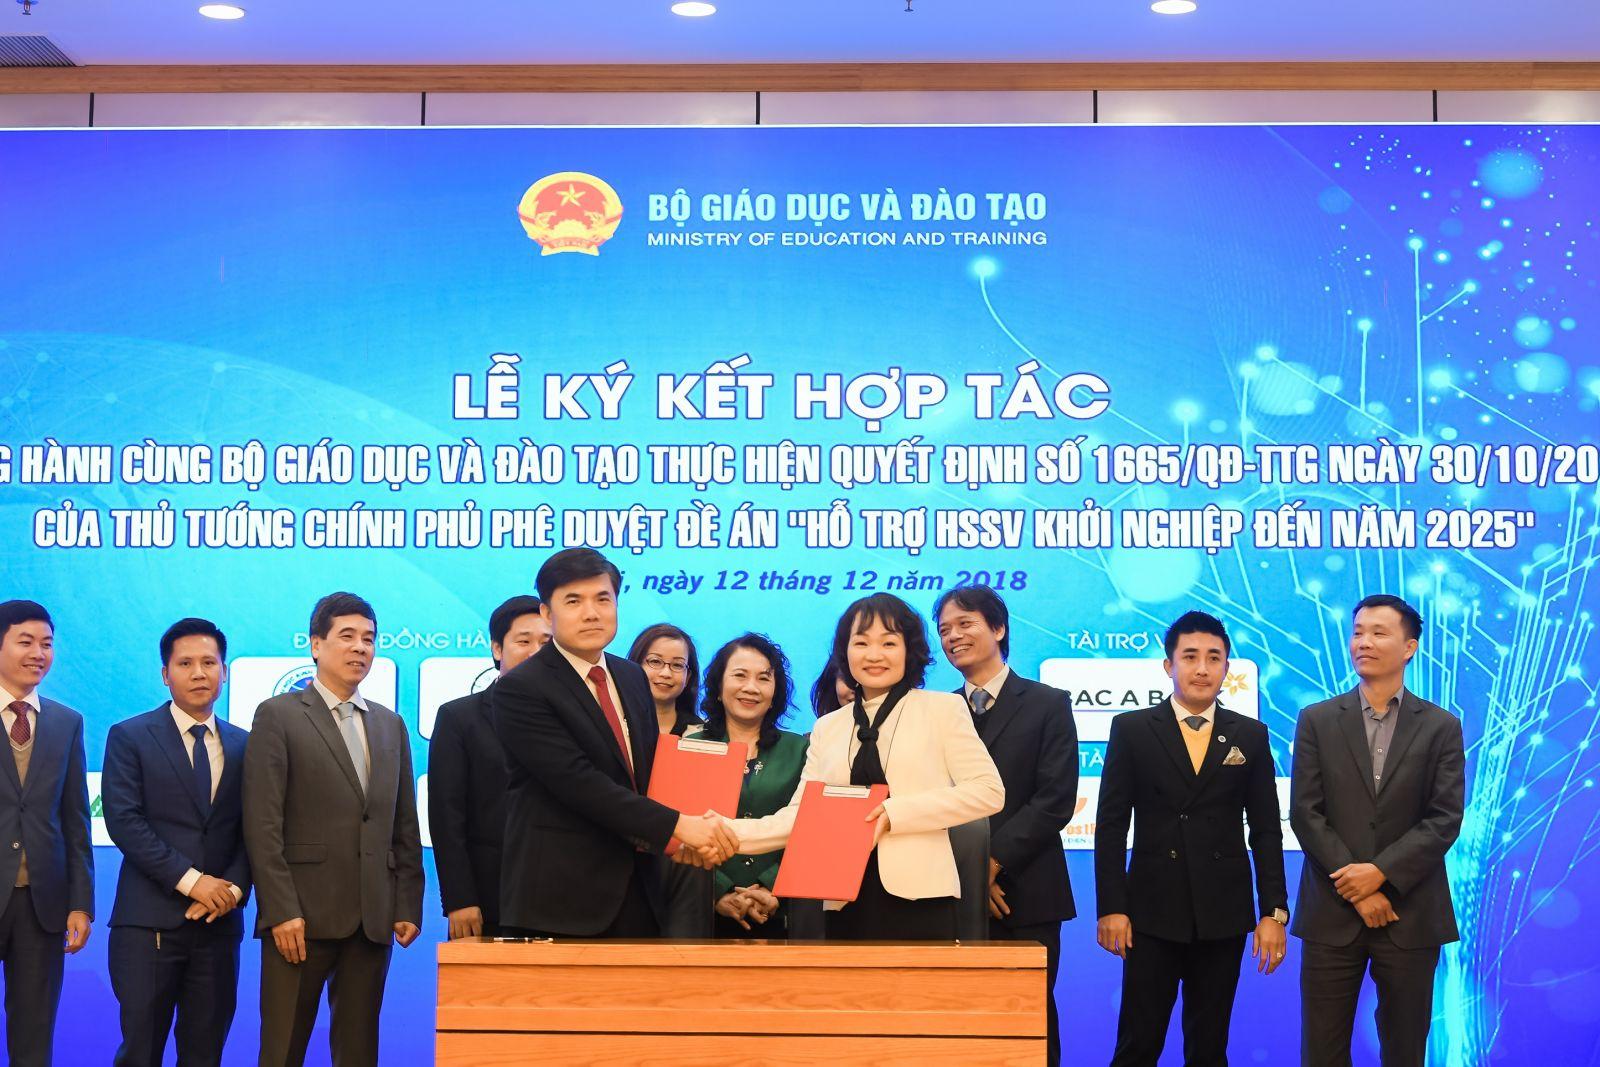 Tập đoàn Trung Nguyên Legend cùng Bộ Giáo dục và Đào tạo ký kết Thỏa thuận Hỗ trợ học sinh, sinh viên khởi nghiệp 2018 – 2021